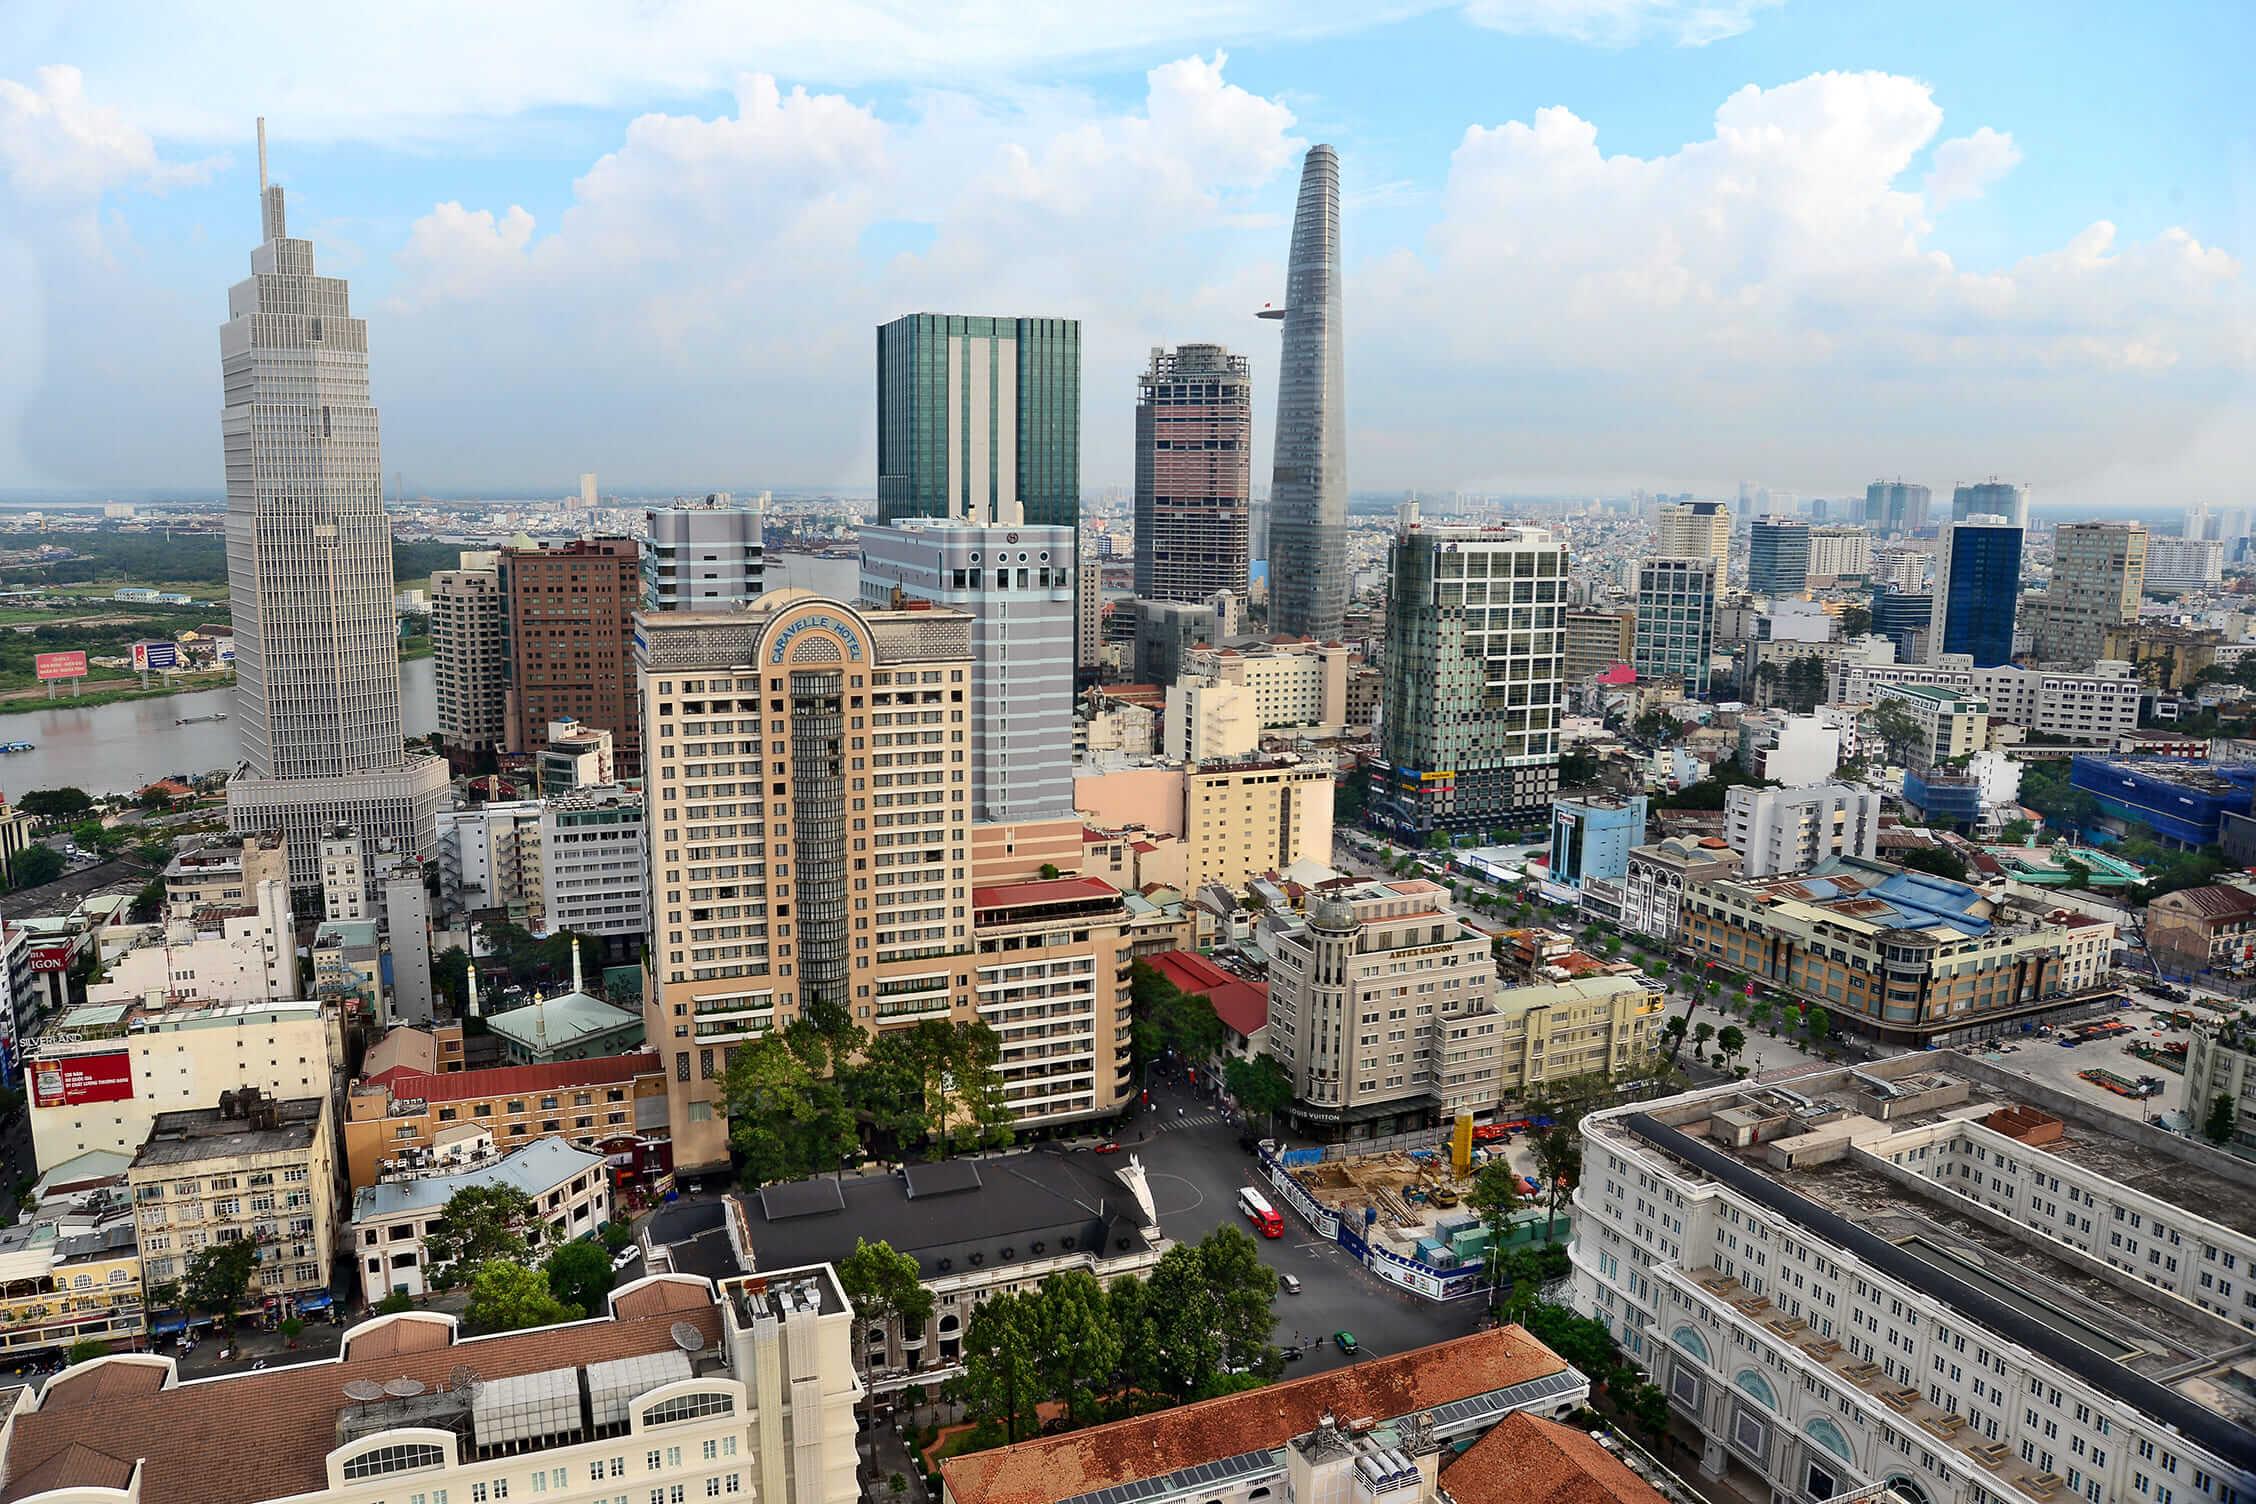 Kinh tế Thành phố Hồ Chí Minh, đặc biệt là các ngành công nghiệp, nông  nghiệp dịch vụ thương mại, thu hút vốn đầu tư nước ngoài… trong 8 tháng năm  nay ...